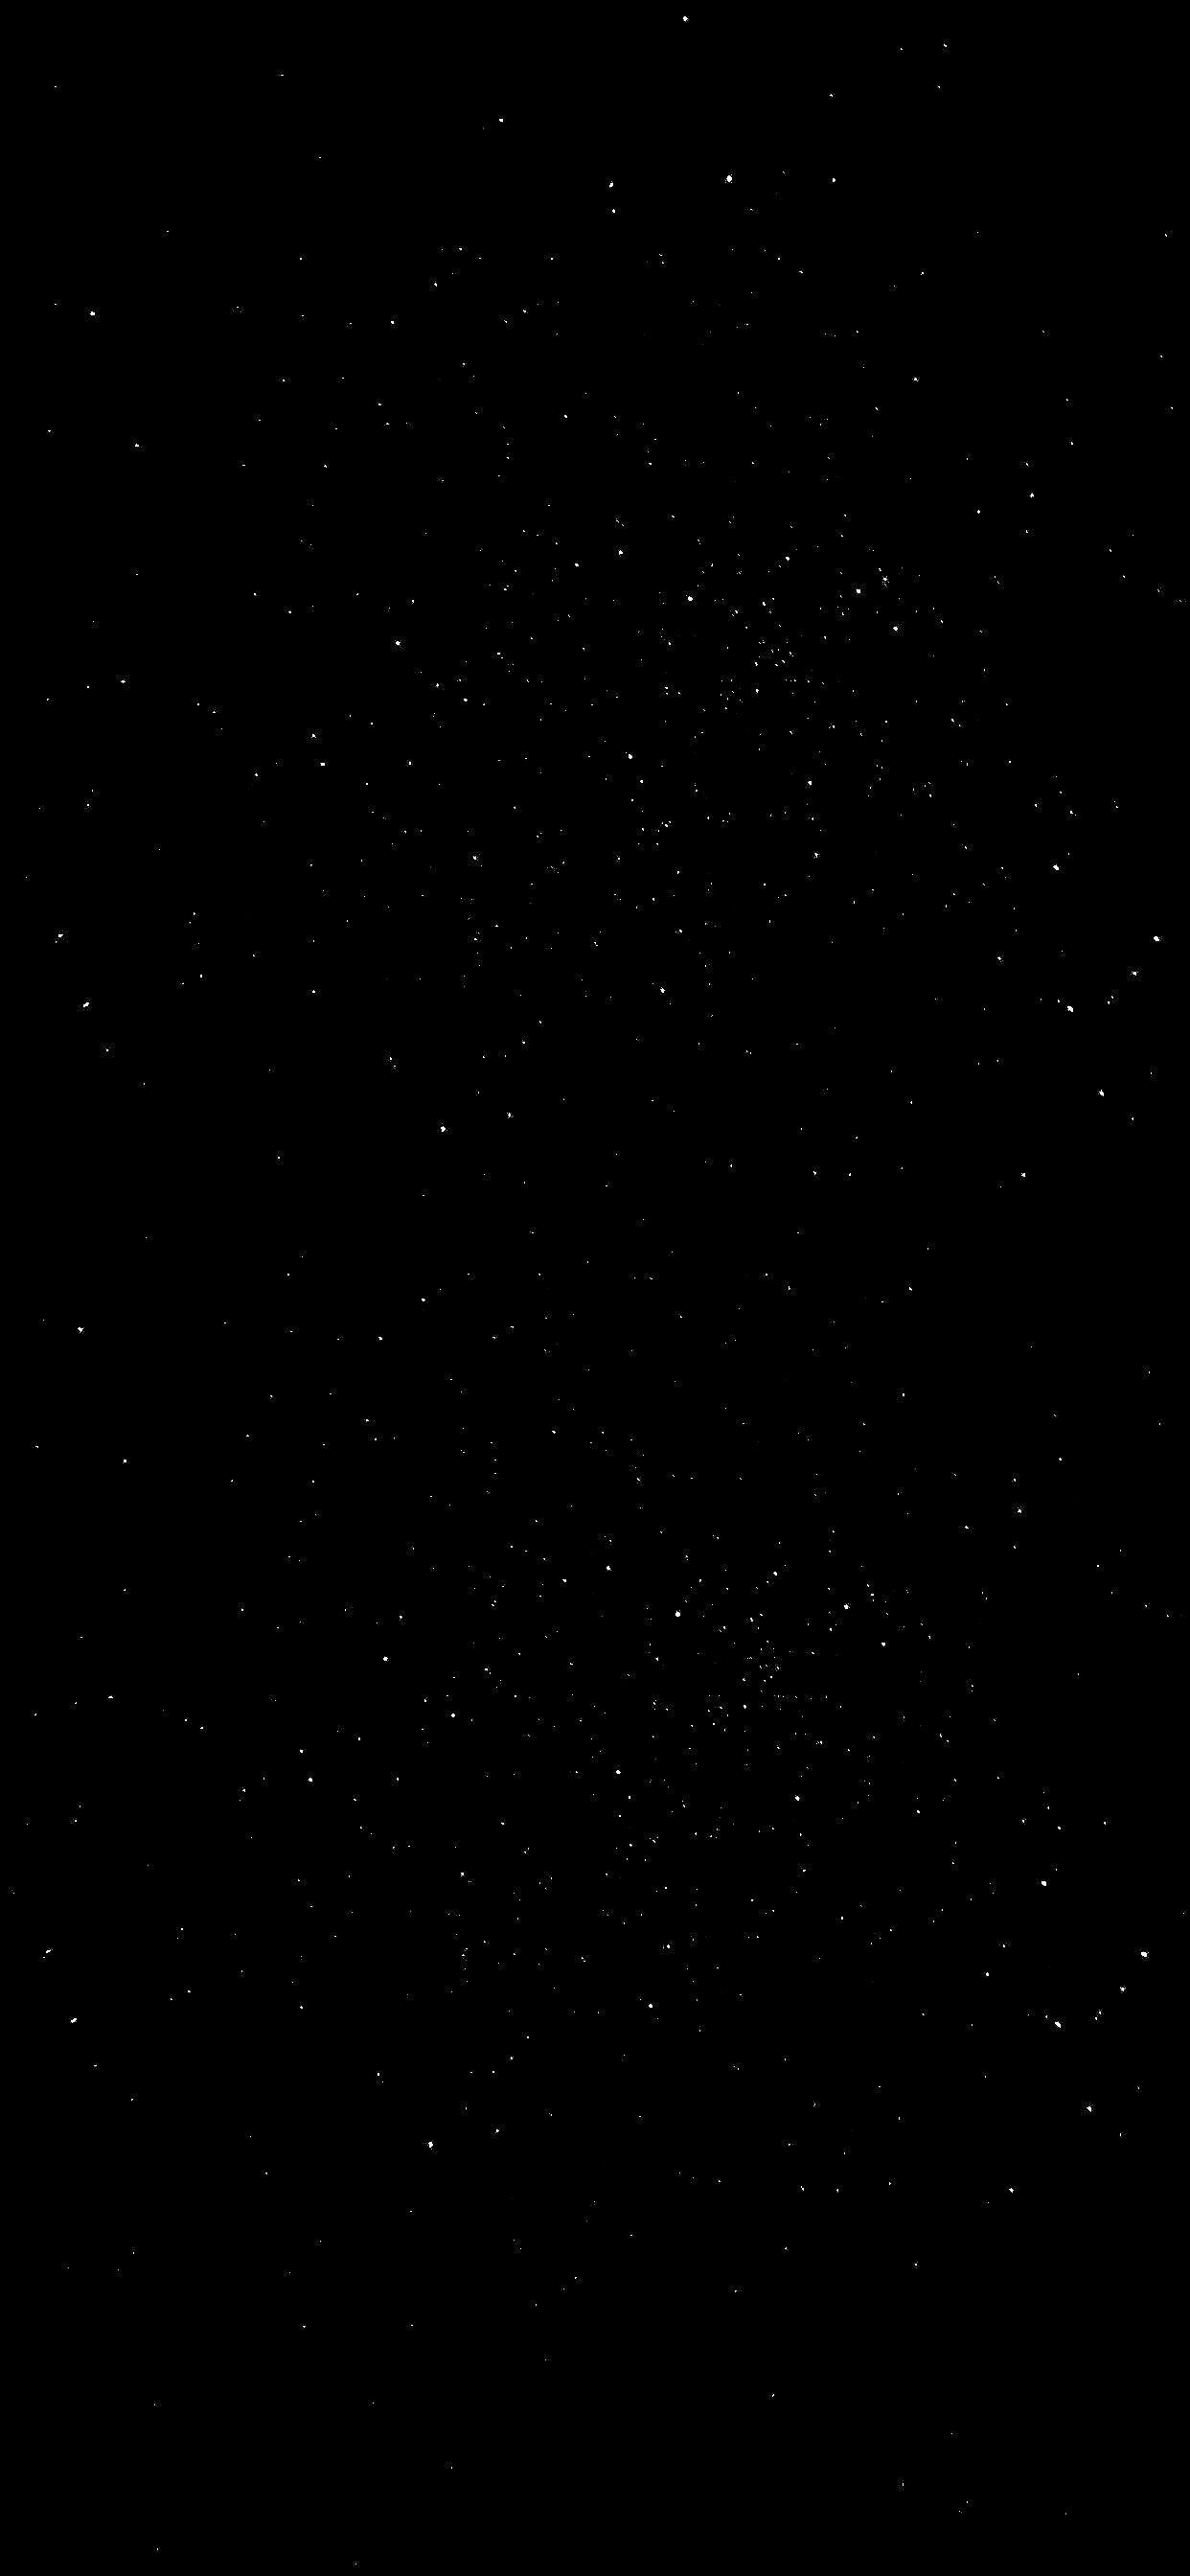 Abstract Stars Total Black Layar Hitam Gambar Latar Belakang Hitam Background Hitam Polos